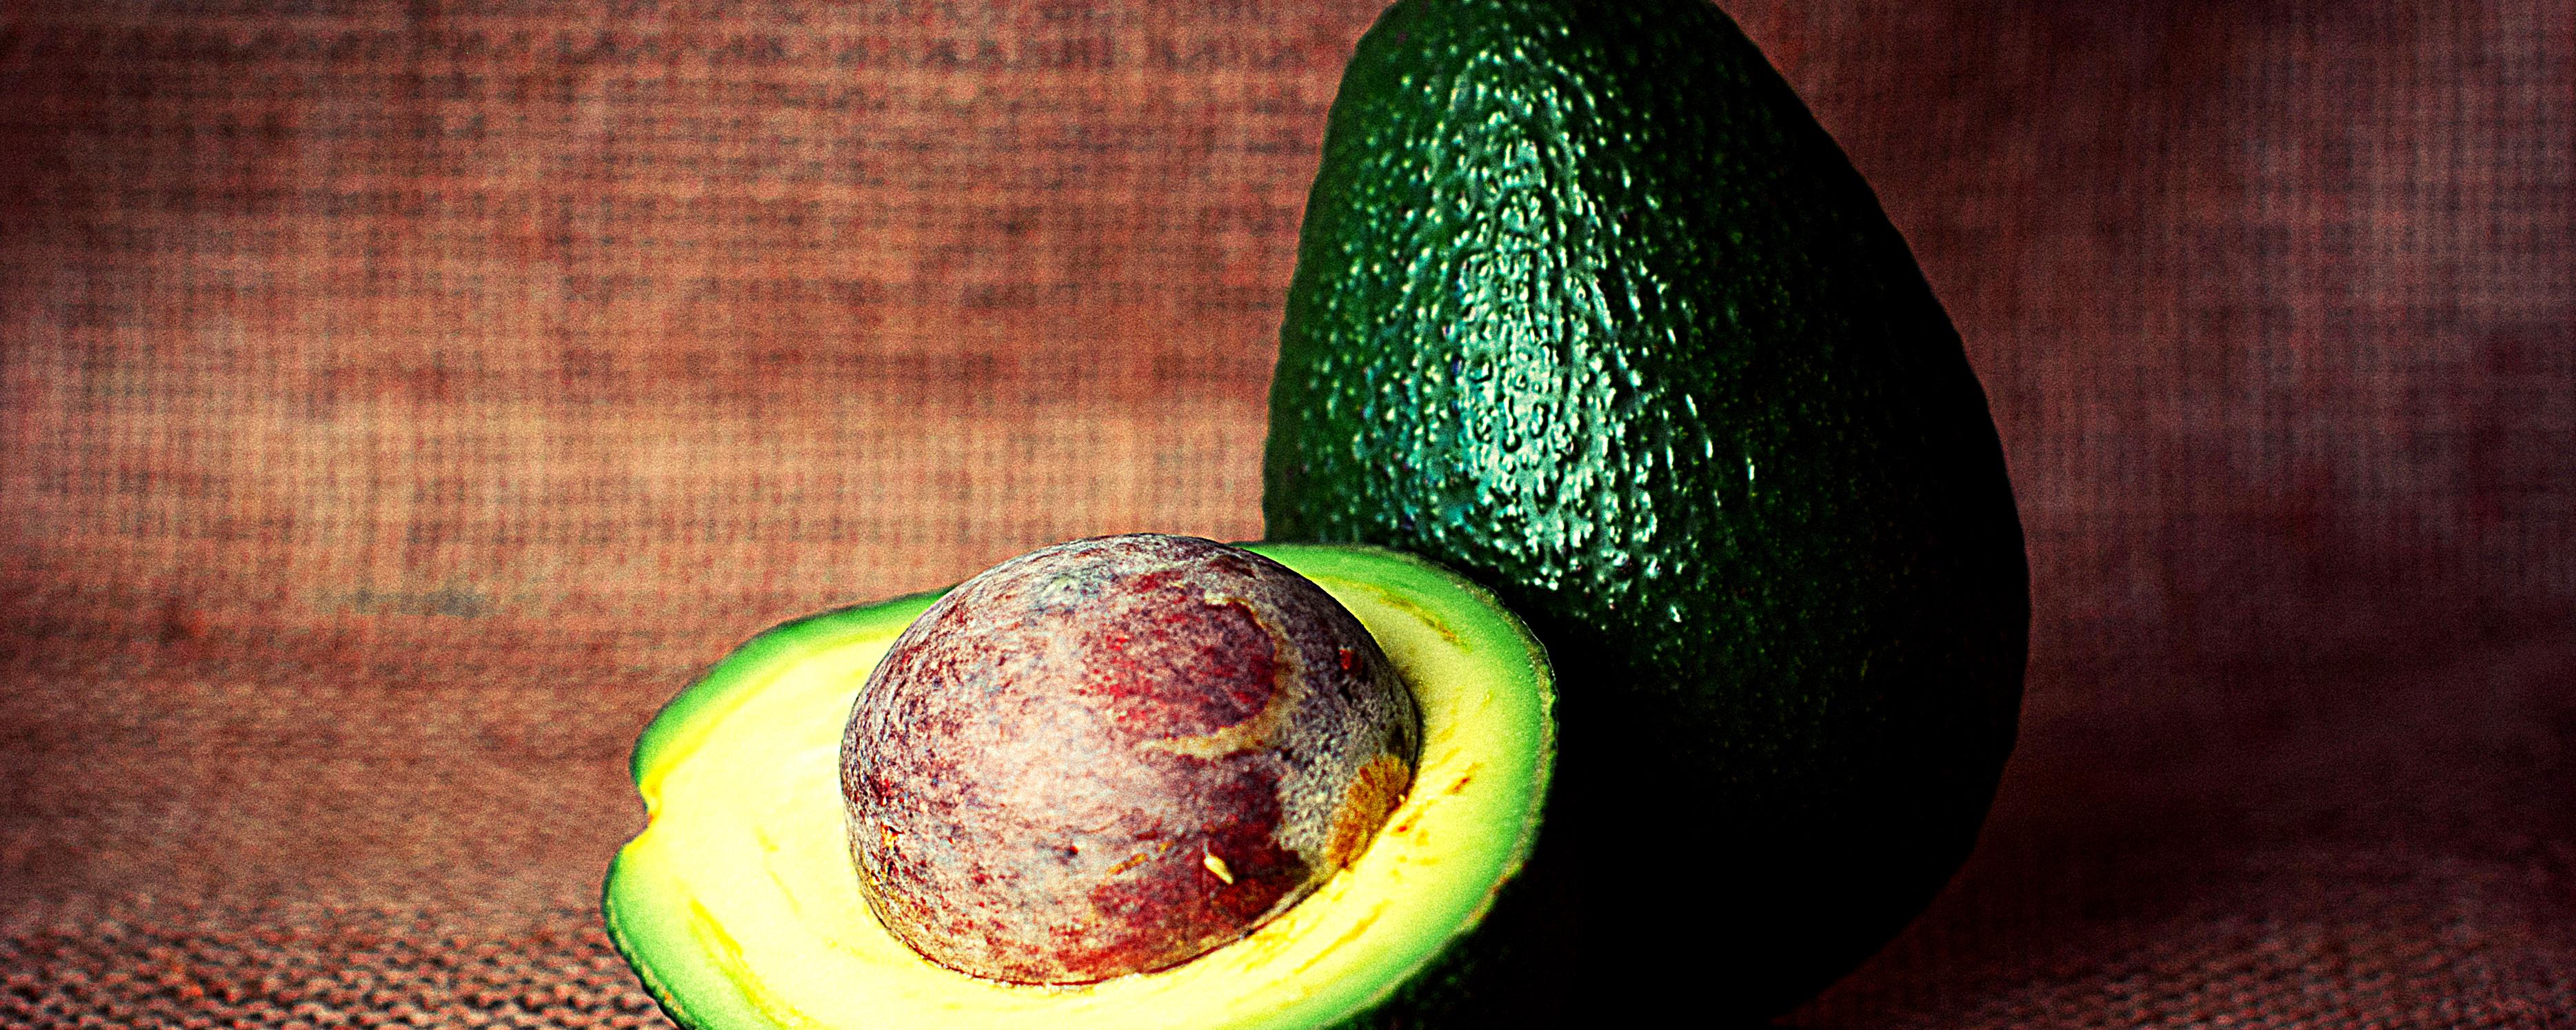 Avocados: Fettreich, aber gesund.